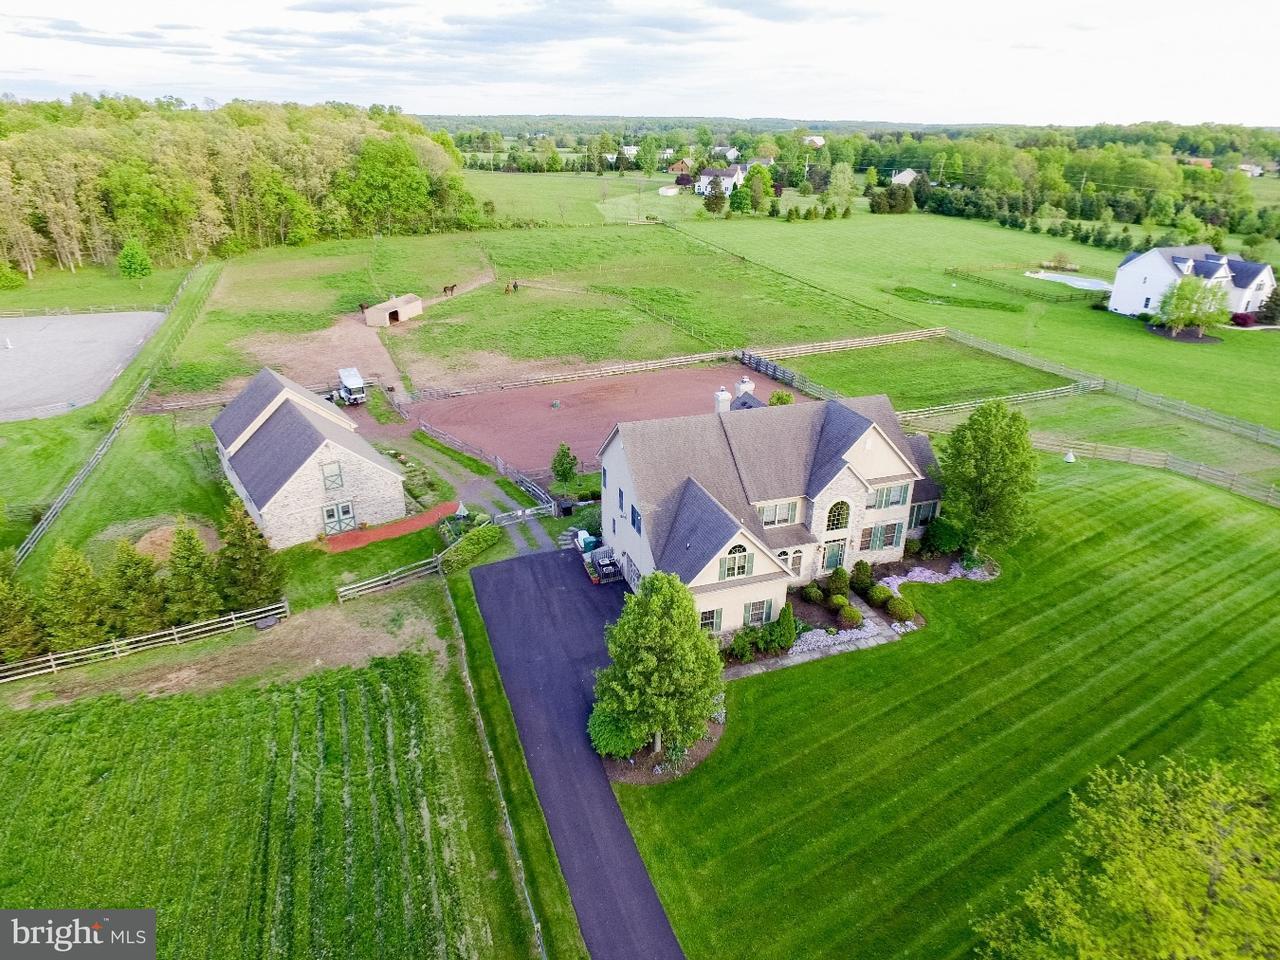 独户住宅 为 销售 在 2935 FRETZ VALLEY Road Perkasie, 宾夕法尼亚州 18944 美国